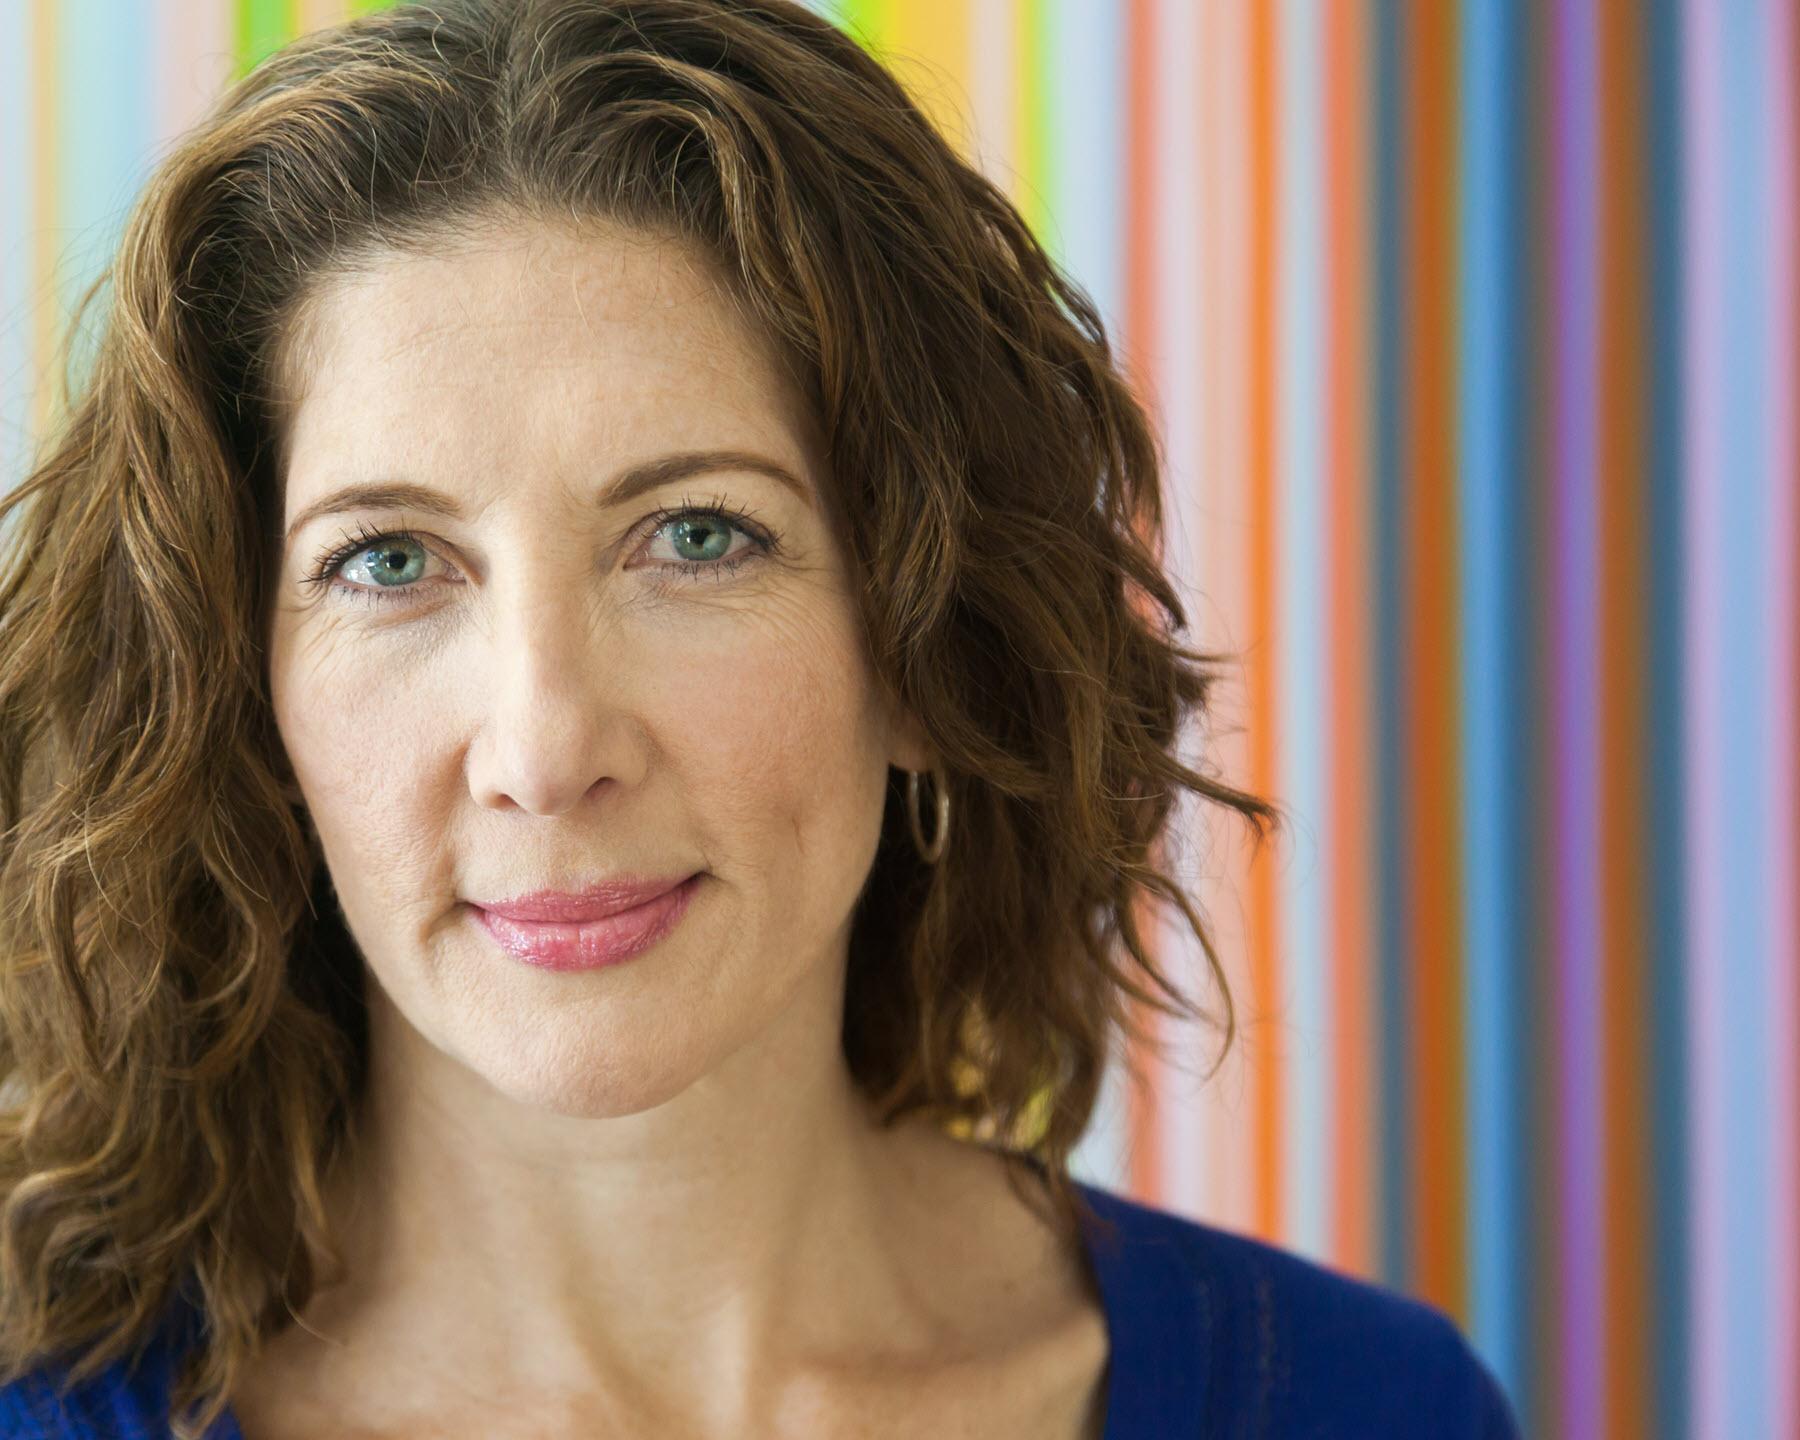 Frau als Patientin für klinische Forschung